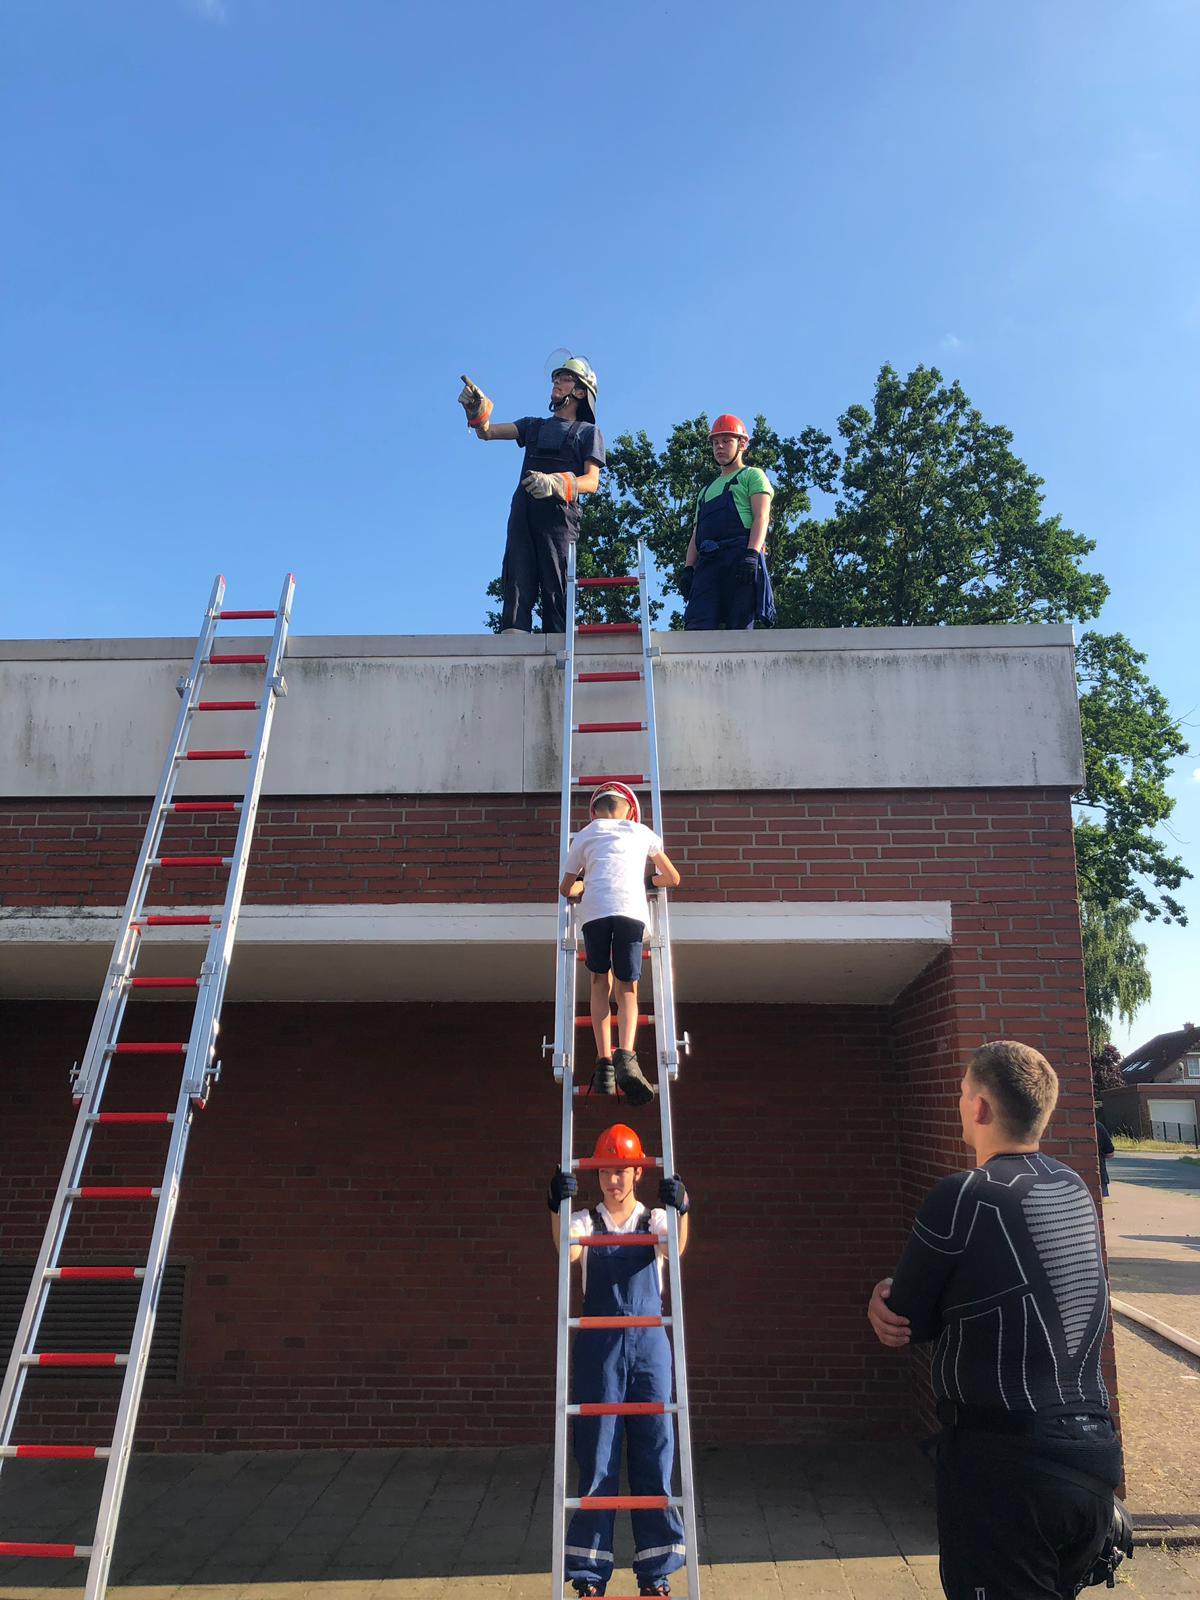 Die Jugendfeuerwehr Otternhagen übt am alten Feuerwehr-Gerätehaus das Vorgehen mit der 4-teiligen Steckleiter,